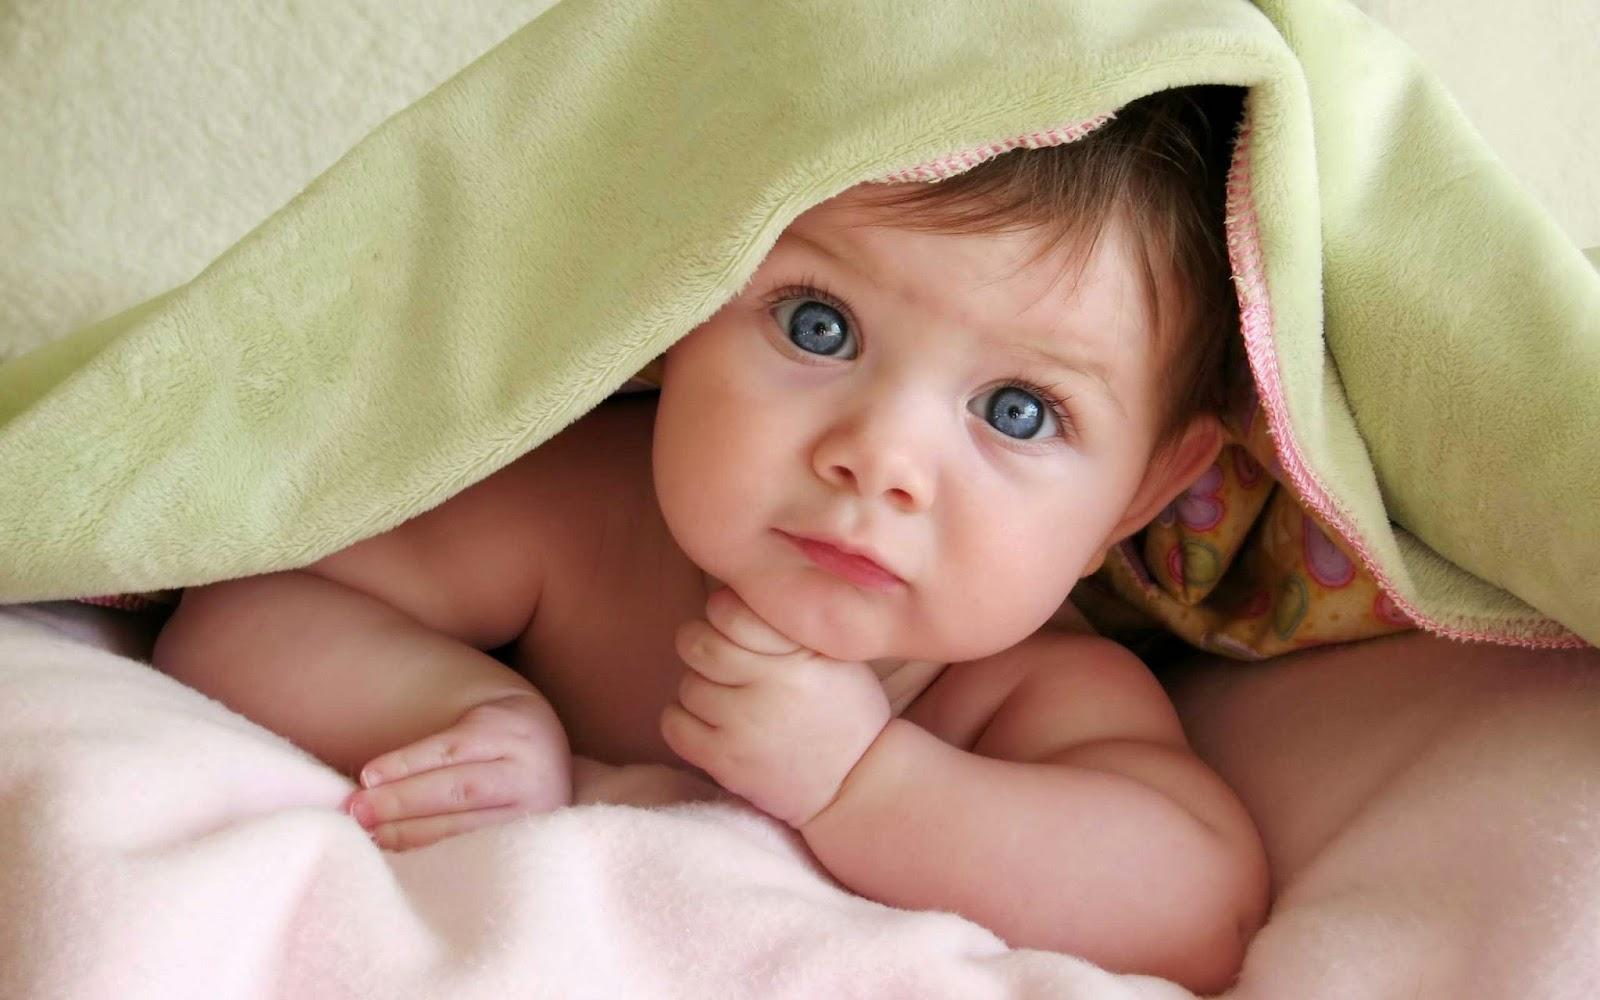 e3499a9a2 صور اطفال كيوت 2014 , اجمل صور الاطفال الكيوت Cute Baby